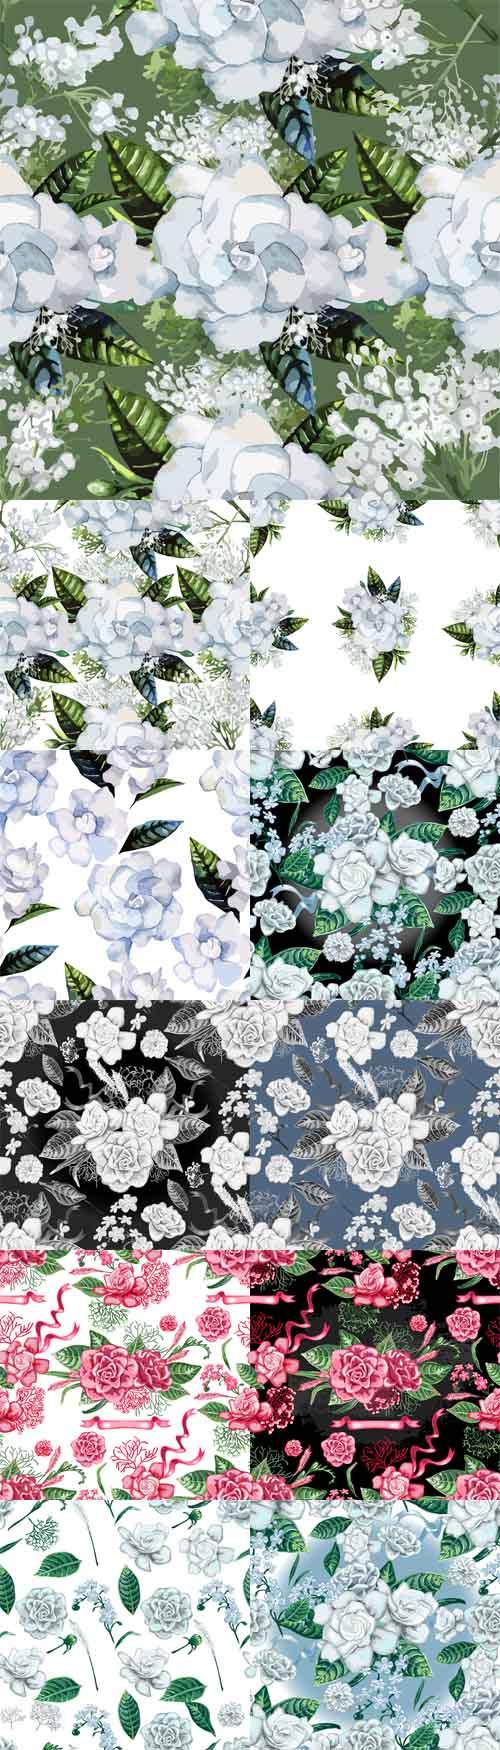 Vector Watercolor Gardenia and Gypsophila Patterns